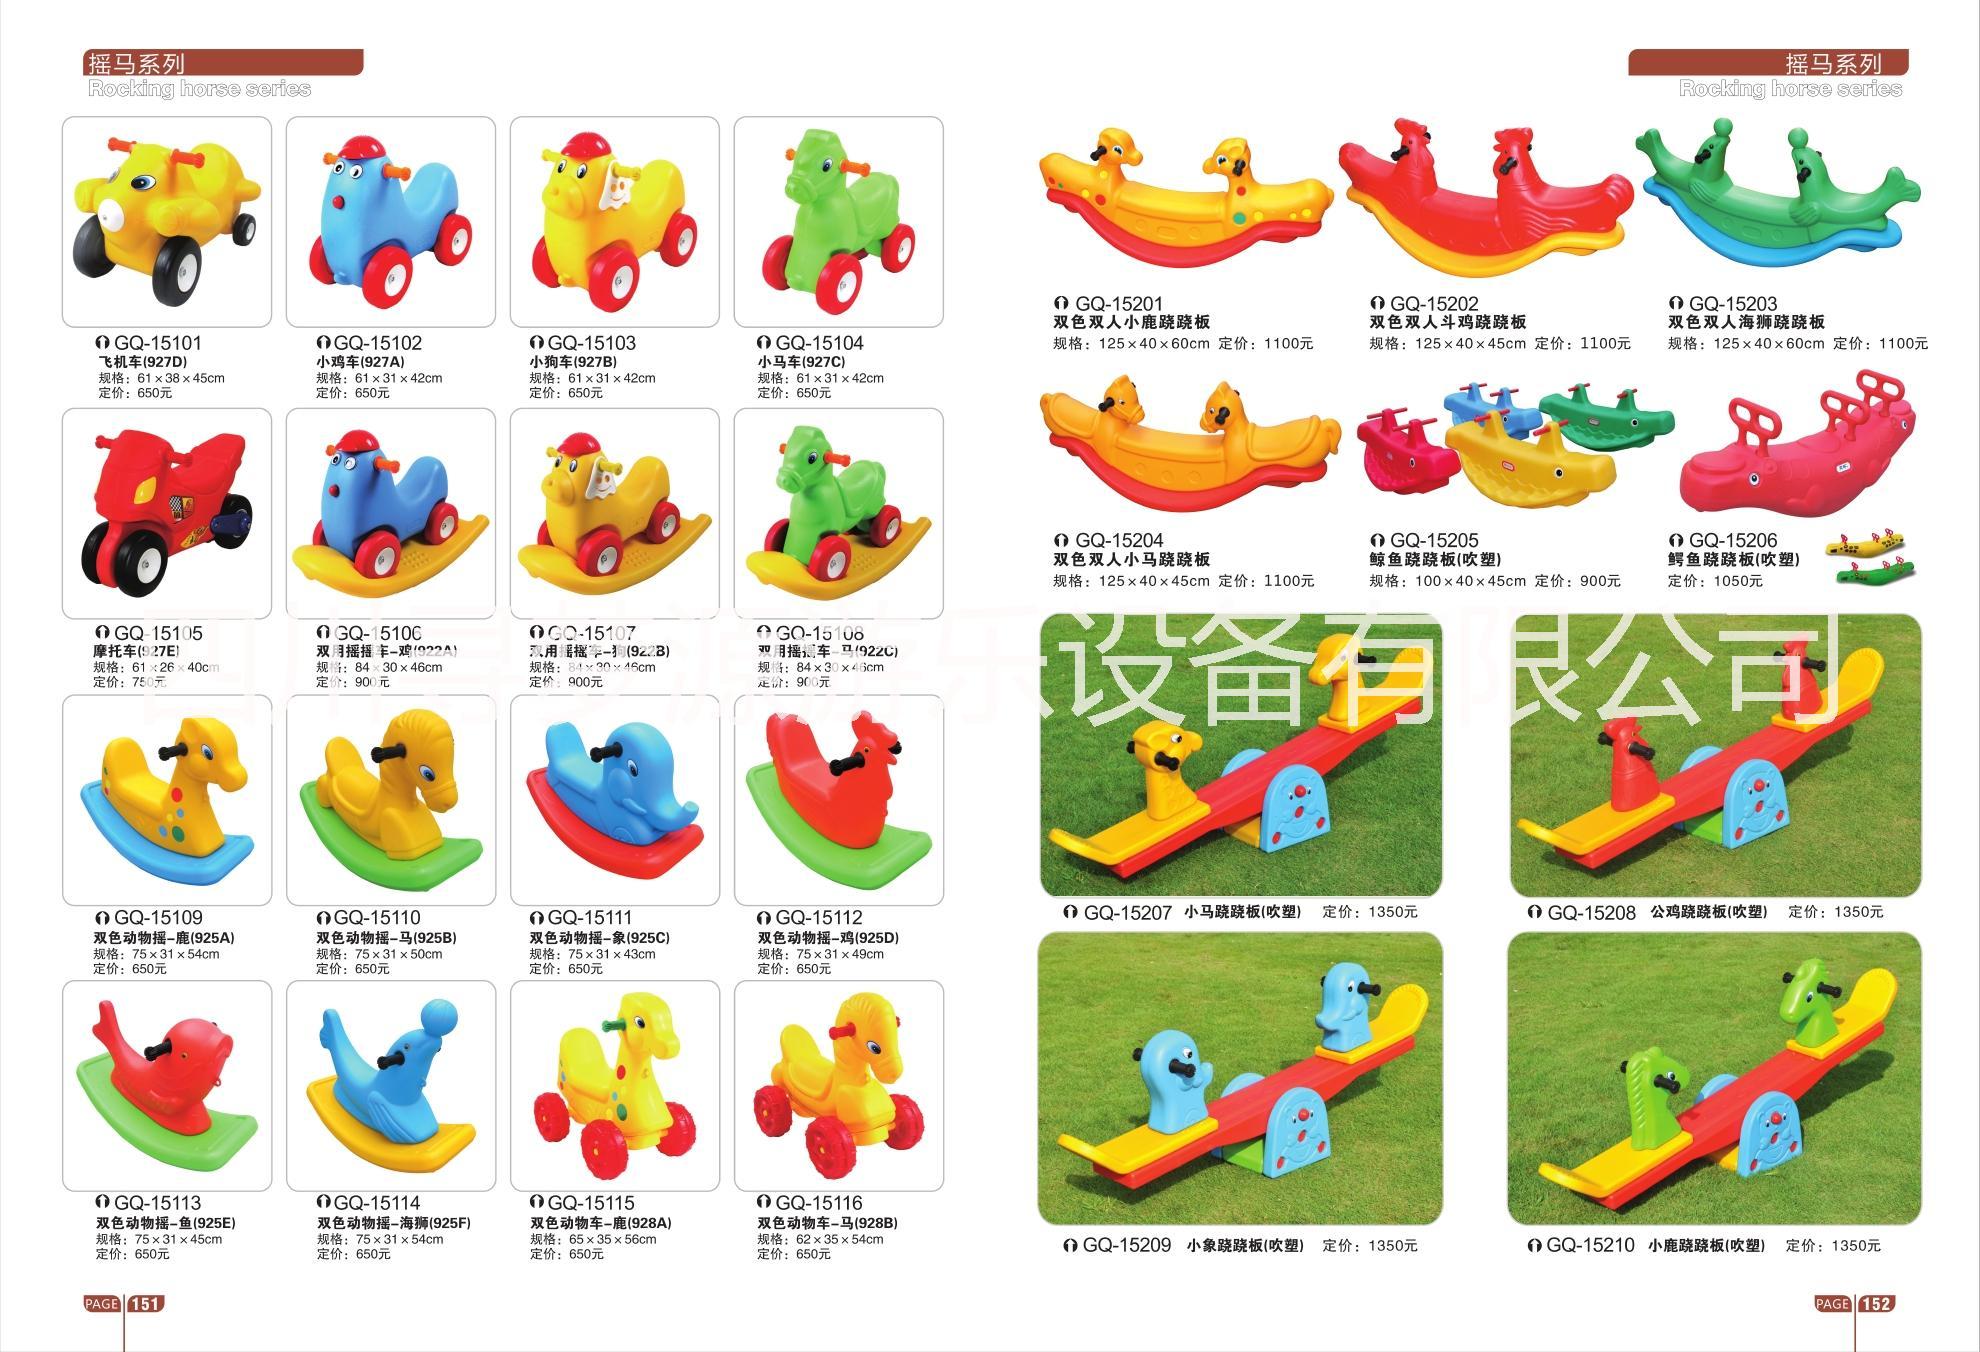 幼教玩具厂家  幼教玩具供应商  儿童益智报价  幼教玩具厂家供